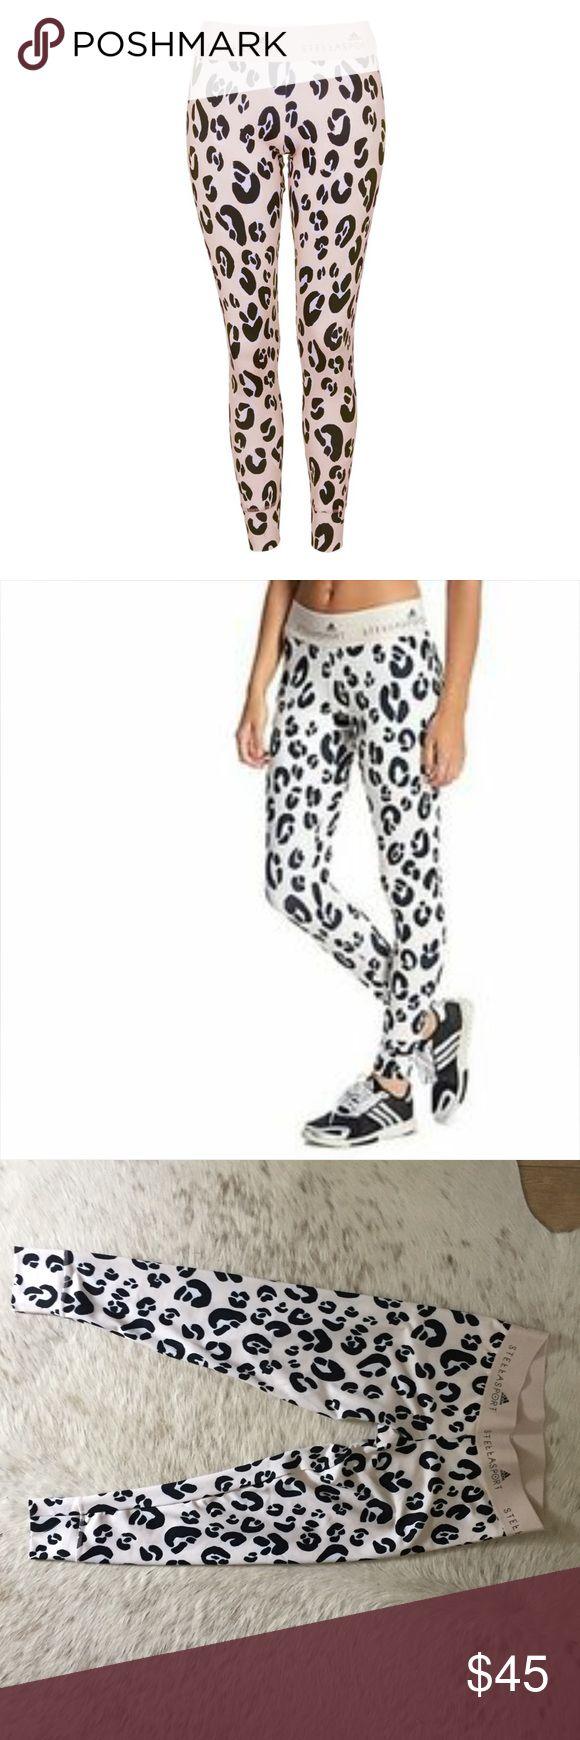 Stella McCartney Adidas leopard leggings Medium Stella Sport for Adidas leopard leggings. Size medium. Gently worn, great condition. Adidas by Stella McCartney Pants Leggings